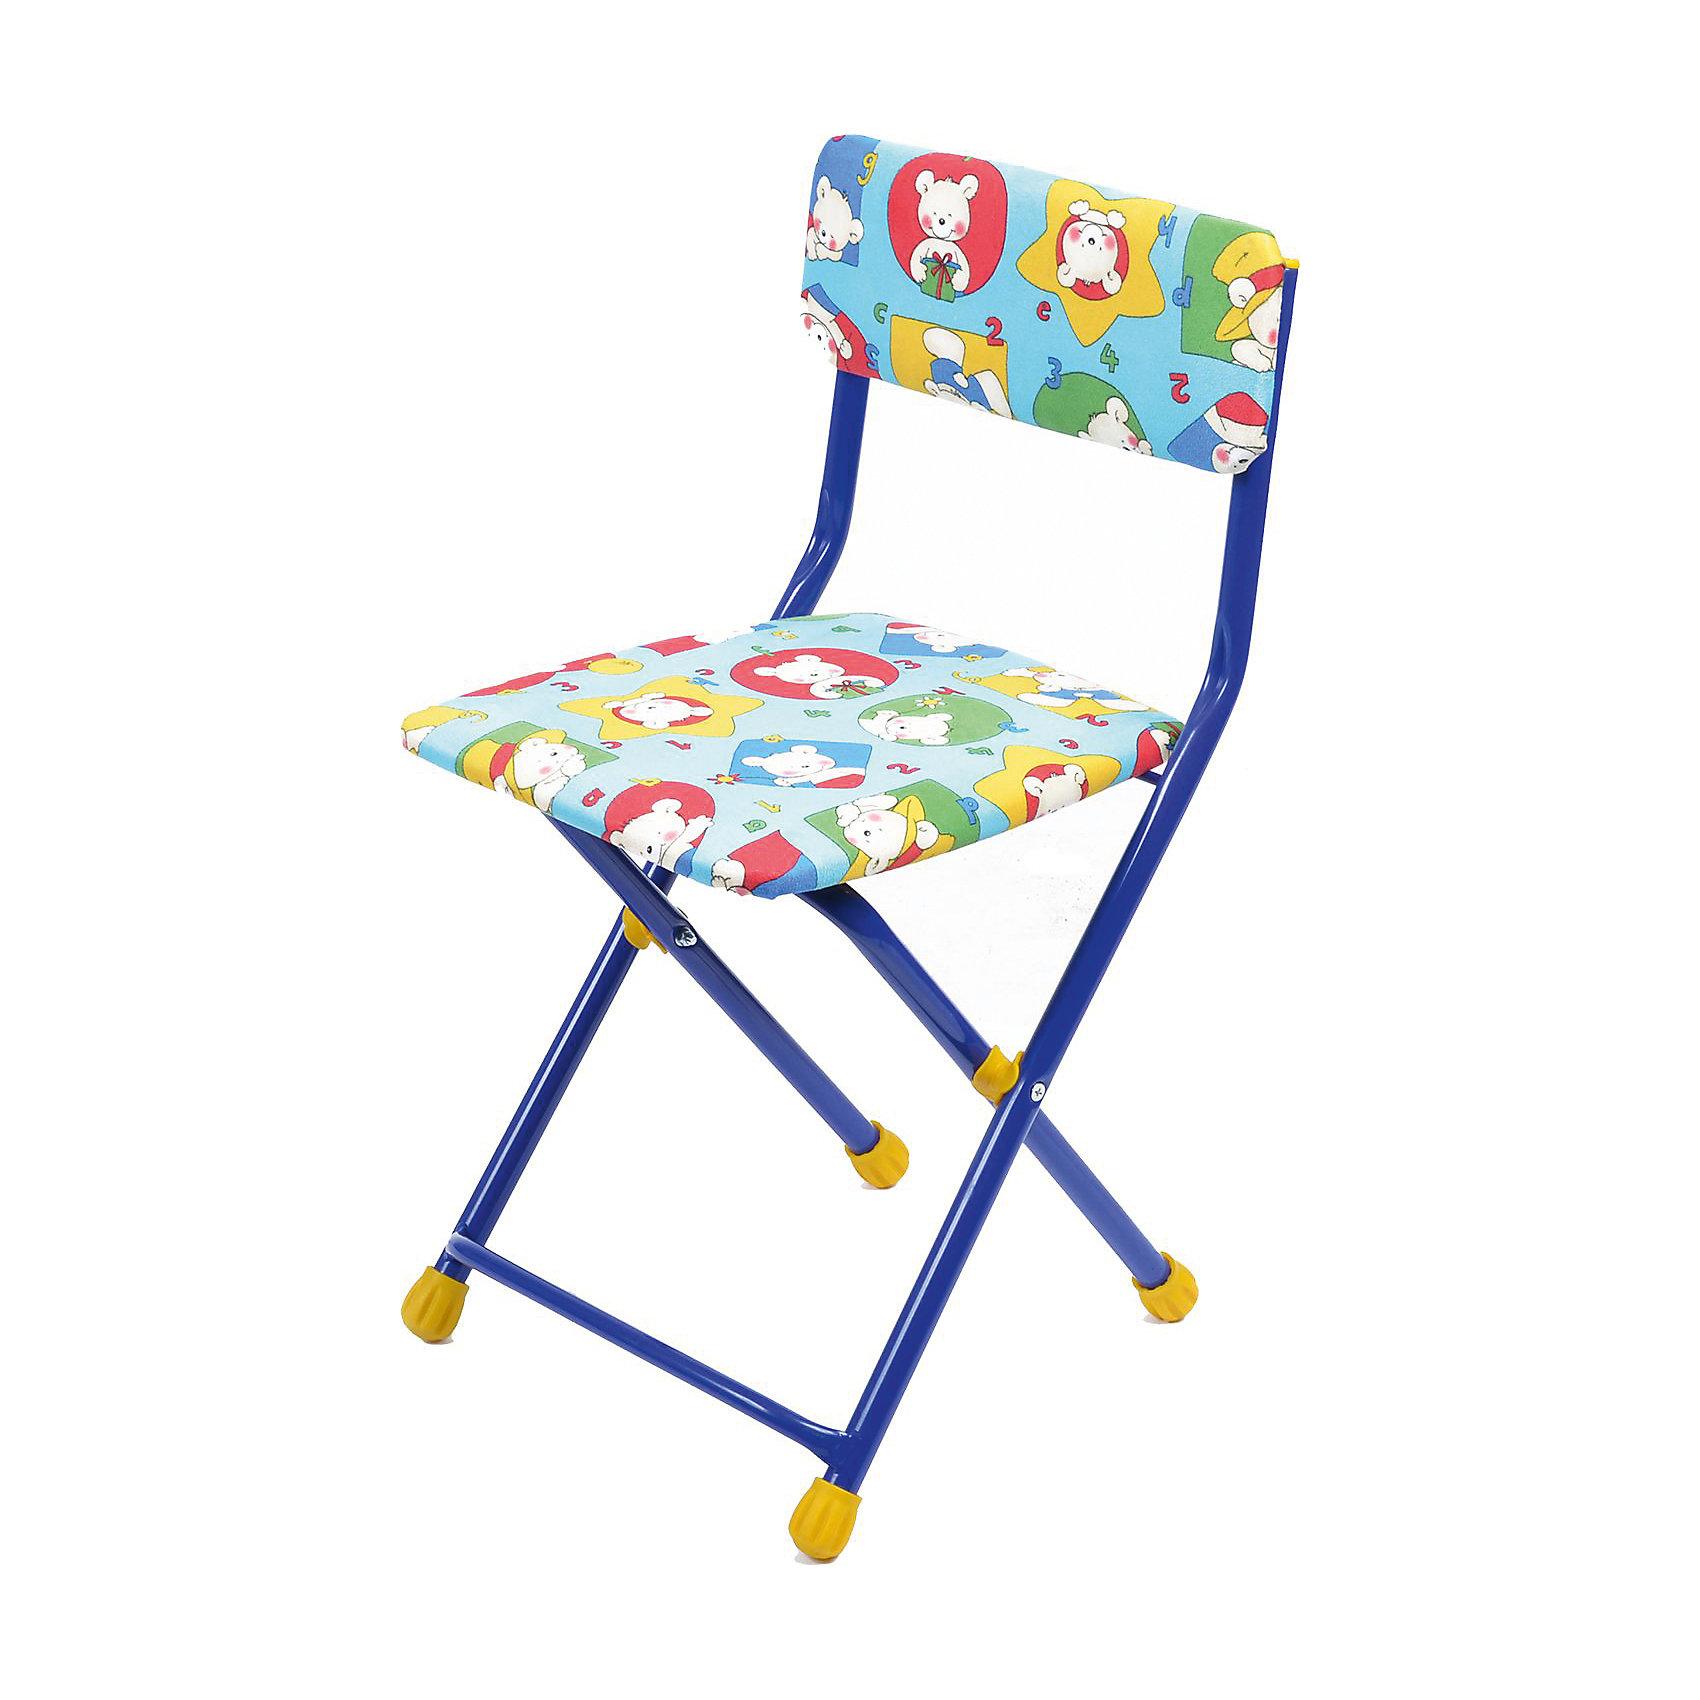 Складной стул с мягким сиденьем КУ1 Мишки, Ника, синийДетские столы и стулья<br>Характеристики товара:<br><br>• цвет: синий<br>• материал: металл, пластик, текстиль<br>• сиденье: 310х270 мм<br>• высота до сиденья: 320 мм<br>• высота со спинкой 570 мм<br>• на ножках пластмассовые наконечники<br>• складной<br>• на сиденье мягкая обивка из флока <br>• возраст: от 3 до 7 лет<br>• страна бренда: Российская Федерация<br>• страна производства: Российская Федерация<br><br>Детская мебель может быть удобной и эргономичной! Этот стул разработан специально для детей от трех до семи лет. Он легко складывается и раскладывается, занимает немного места. Сиденье обито мягким флоком, а на ножках стула установлены пластмассовые наконечники для защиты напольного покрытия. Отличное решение для игр, творчества и обучения!<br>Правильно подобранная мебель помогает ребенку расти здоровым, формироваться правильной осанке. Изделие производится из качественных сертифицированных материалов, безопасных даже для самых маленьких.<br><br>Складной стул с мягким сиденьем КУ1 Мишки, синий от бренда Ника можно купить в нашем интернет-магазине.<br><br>Ширина мм: 700<br>Глубина мм: 160<br>Высота мм: 330<br>Вес г: 2520<br>Возраст от месяцев: 36<br>Возраст до месяцев: 84<br>Пол: Унисекс<br>Возраст: Детский<br>SKU: 5223595